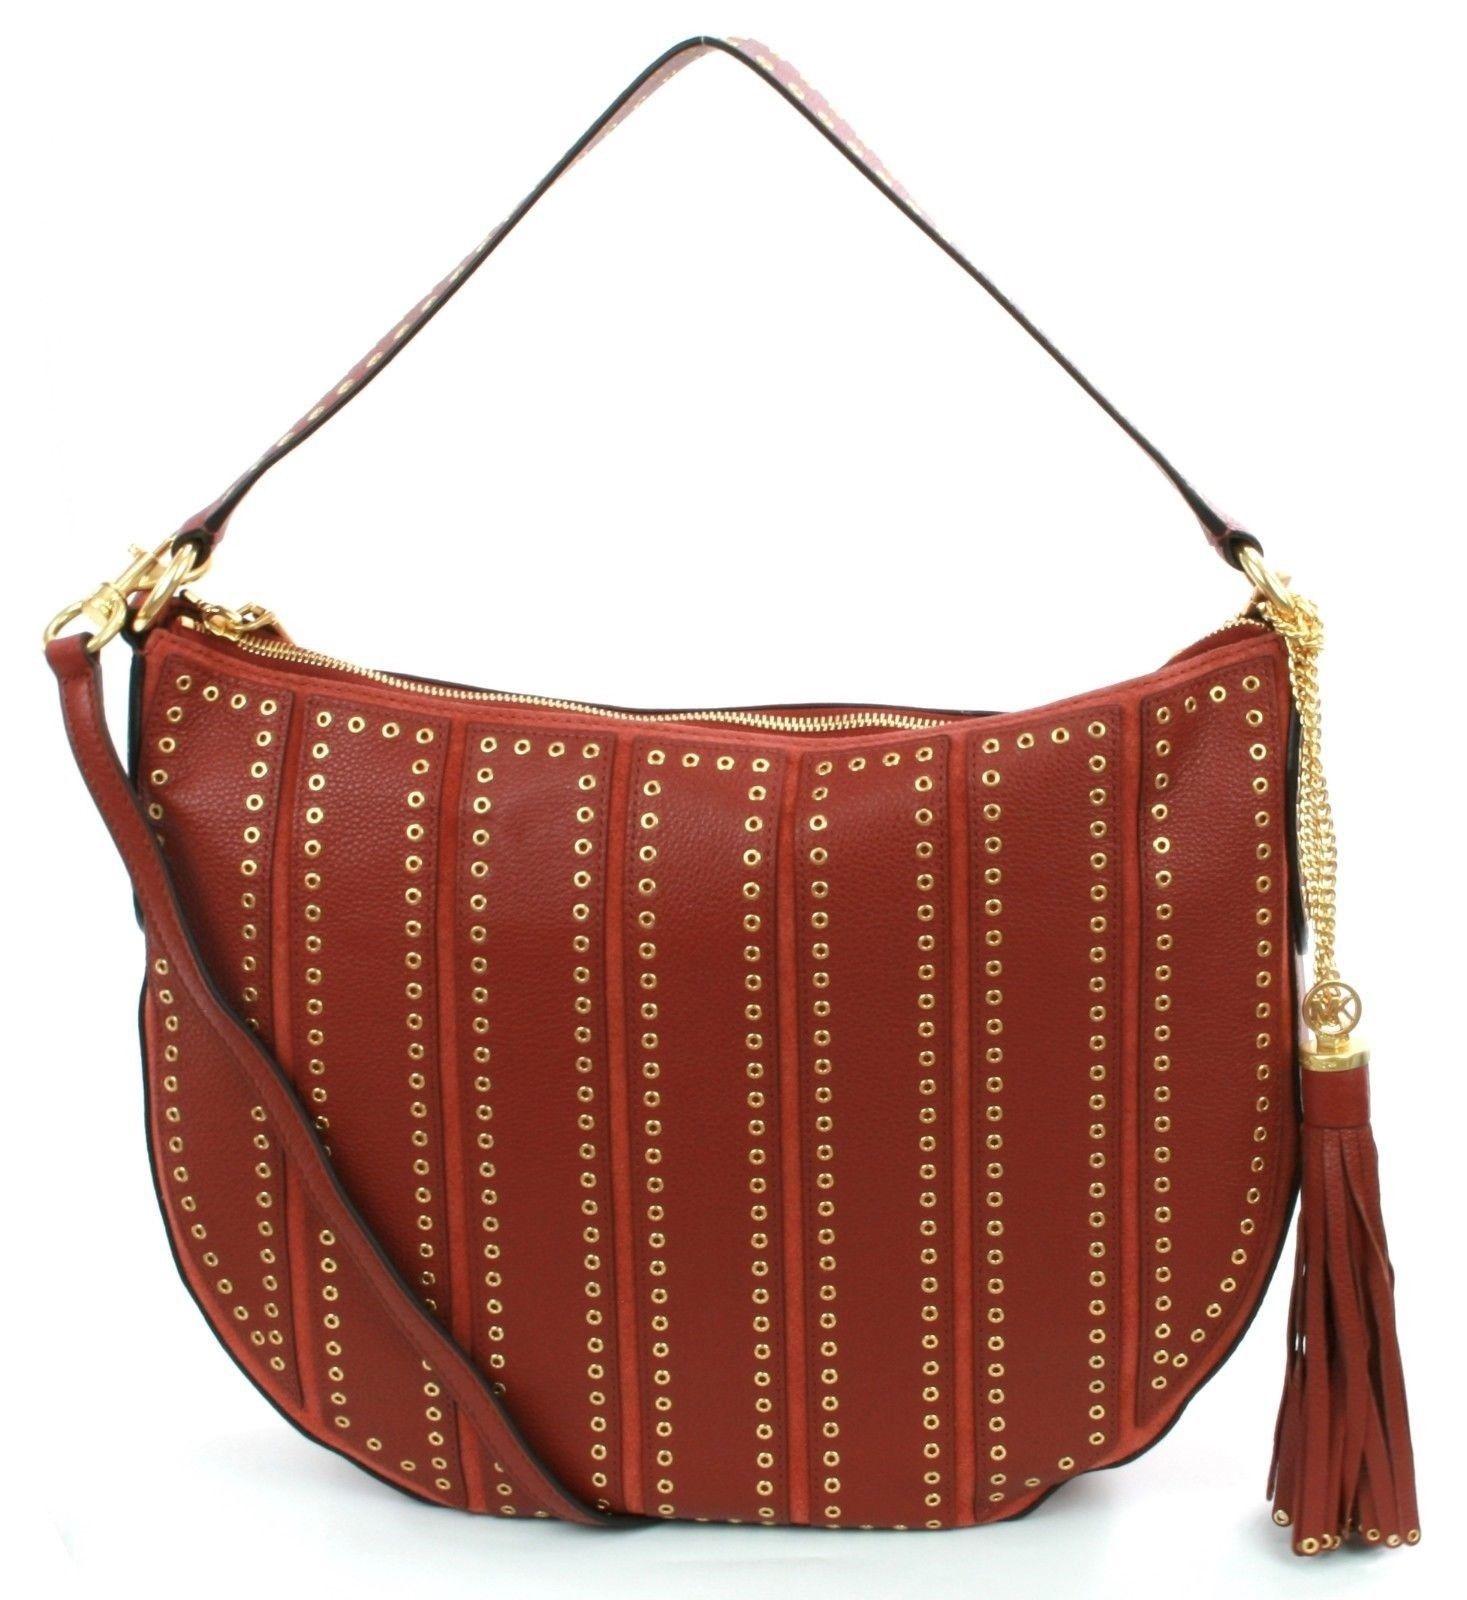 550a9959d886 Michael Kors Brooklyn Grommet Shoulder Bag and 50 similar items. 57